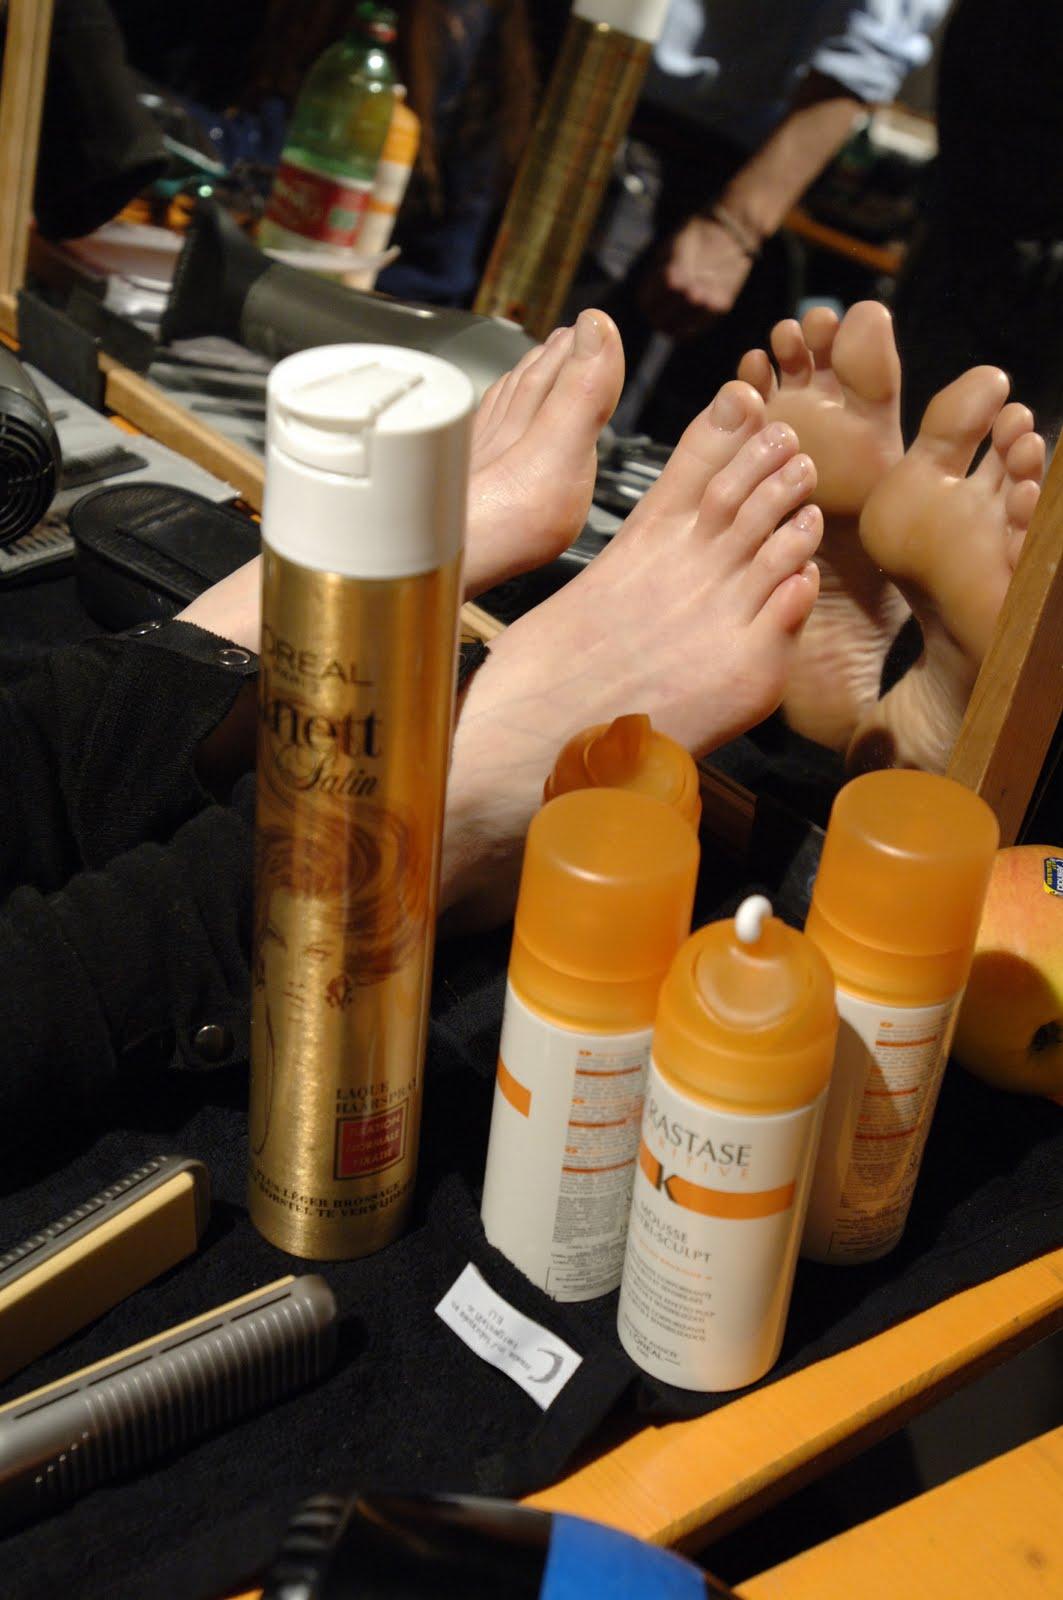 http://1.bp.blogspot.com/_UaLWp72nij4/S_WZqysexWI/AAAAAAAAL_s/M5DrU2oMB5g/s1600/lily-cole-feet-5.jpg